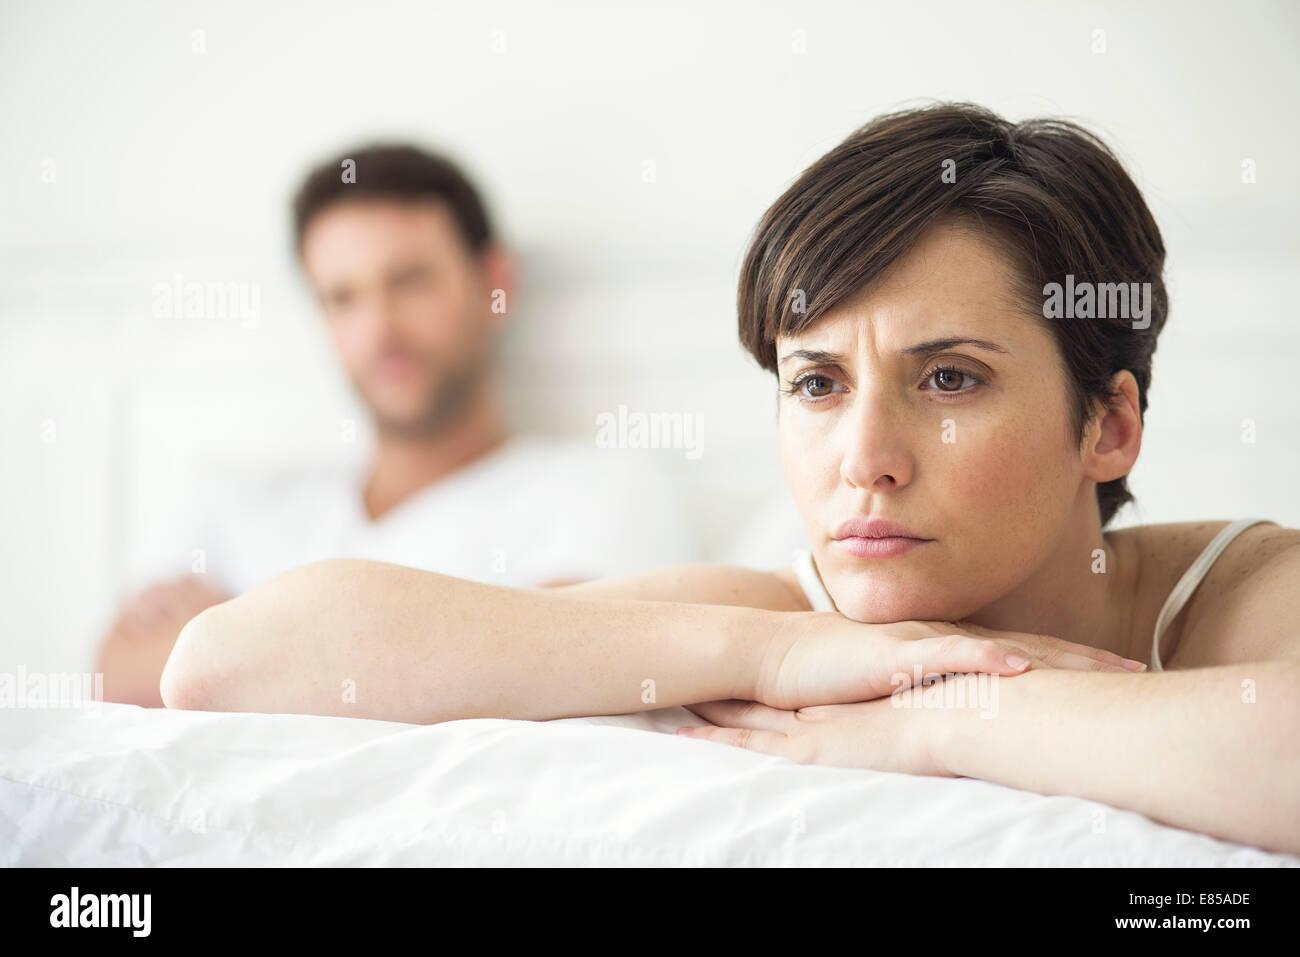 Par no habla después de desacuerdo en la cama Imagen De Stock